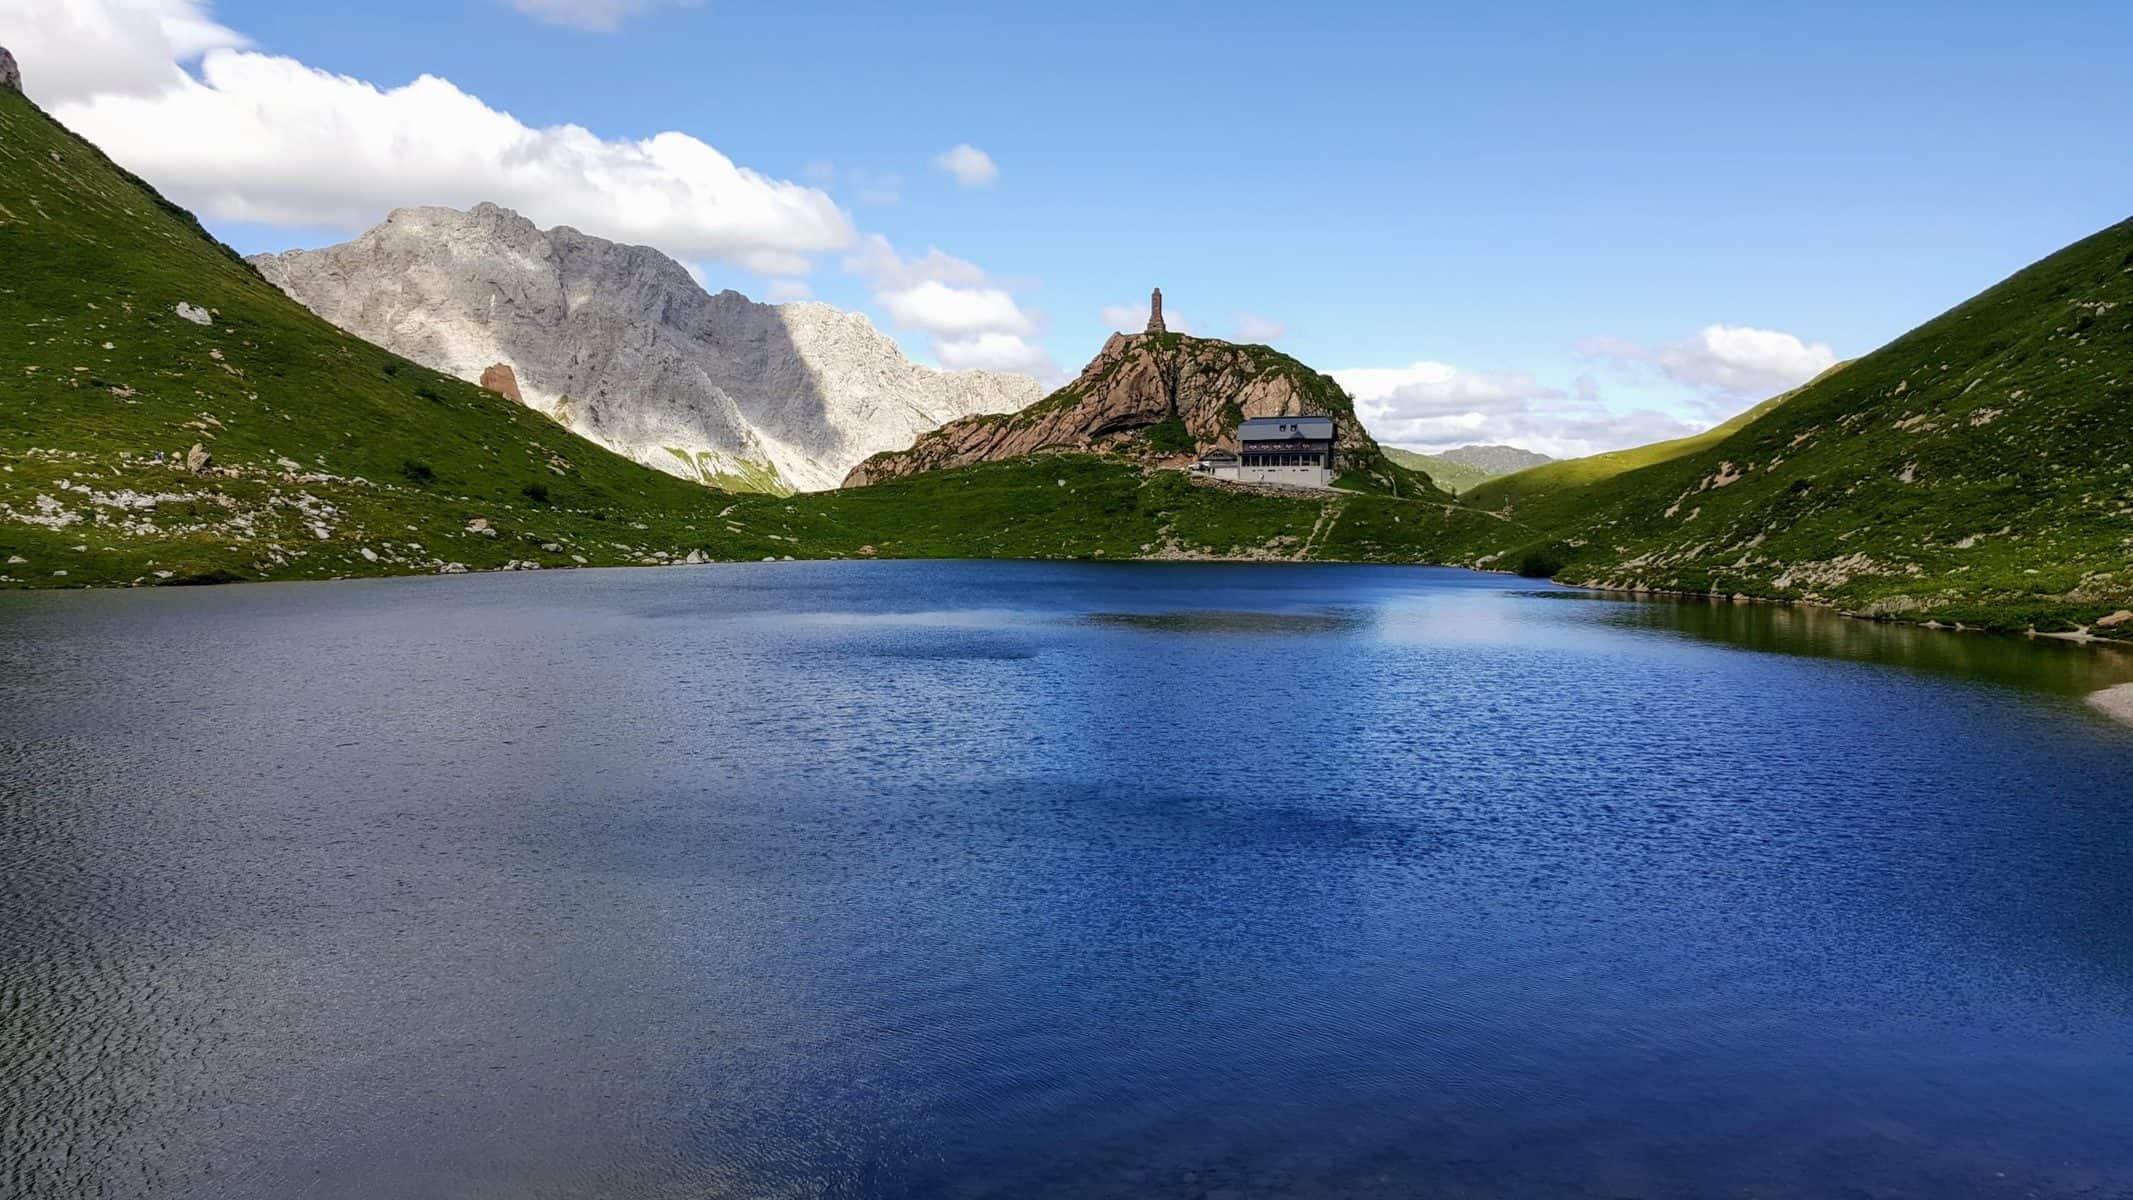 Wolaysersee mit Wolayserseehütte in den Karnischen Alpen - Wandern in Kärnten, Österreich